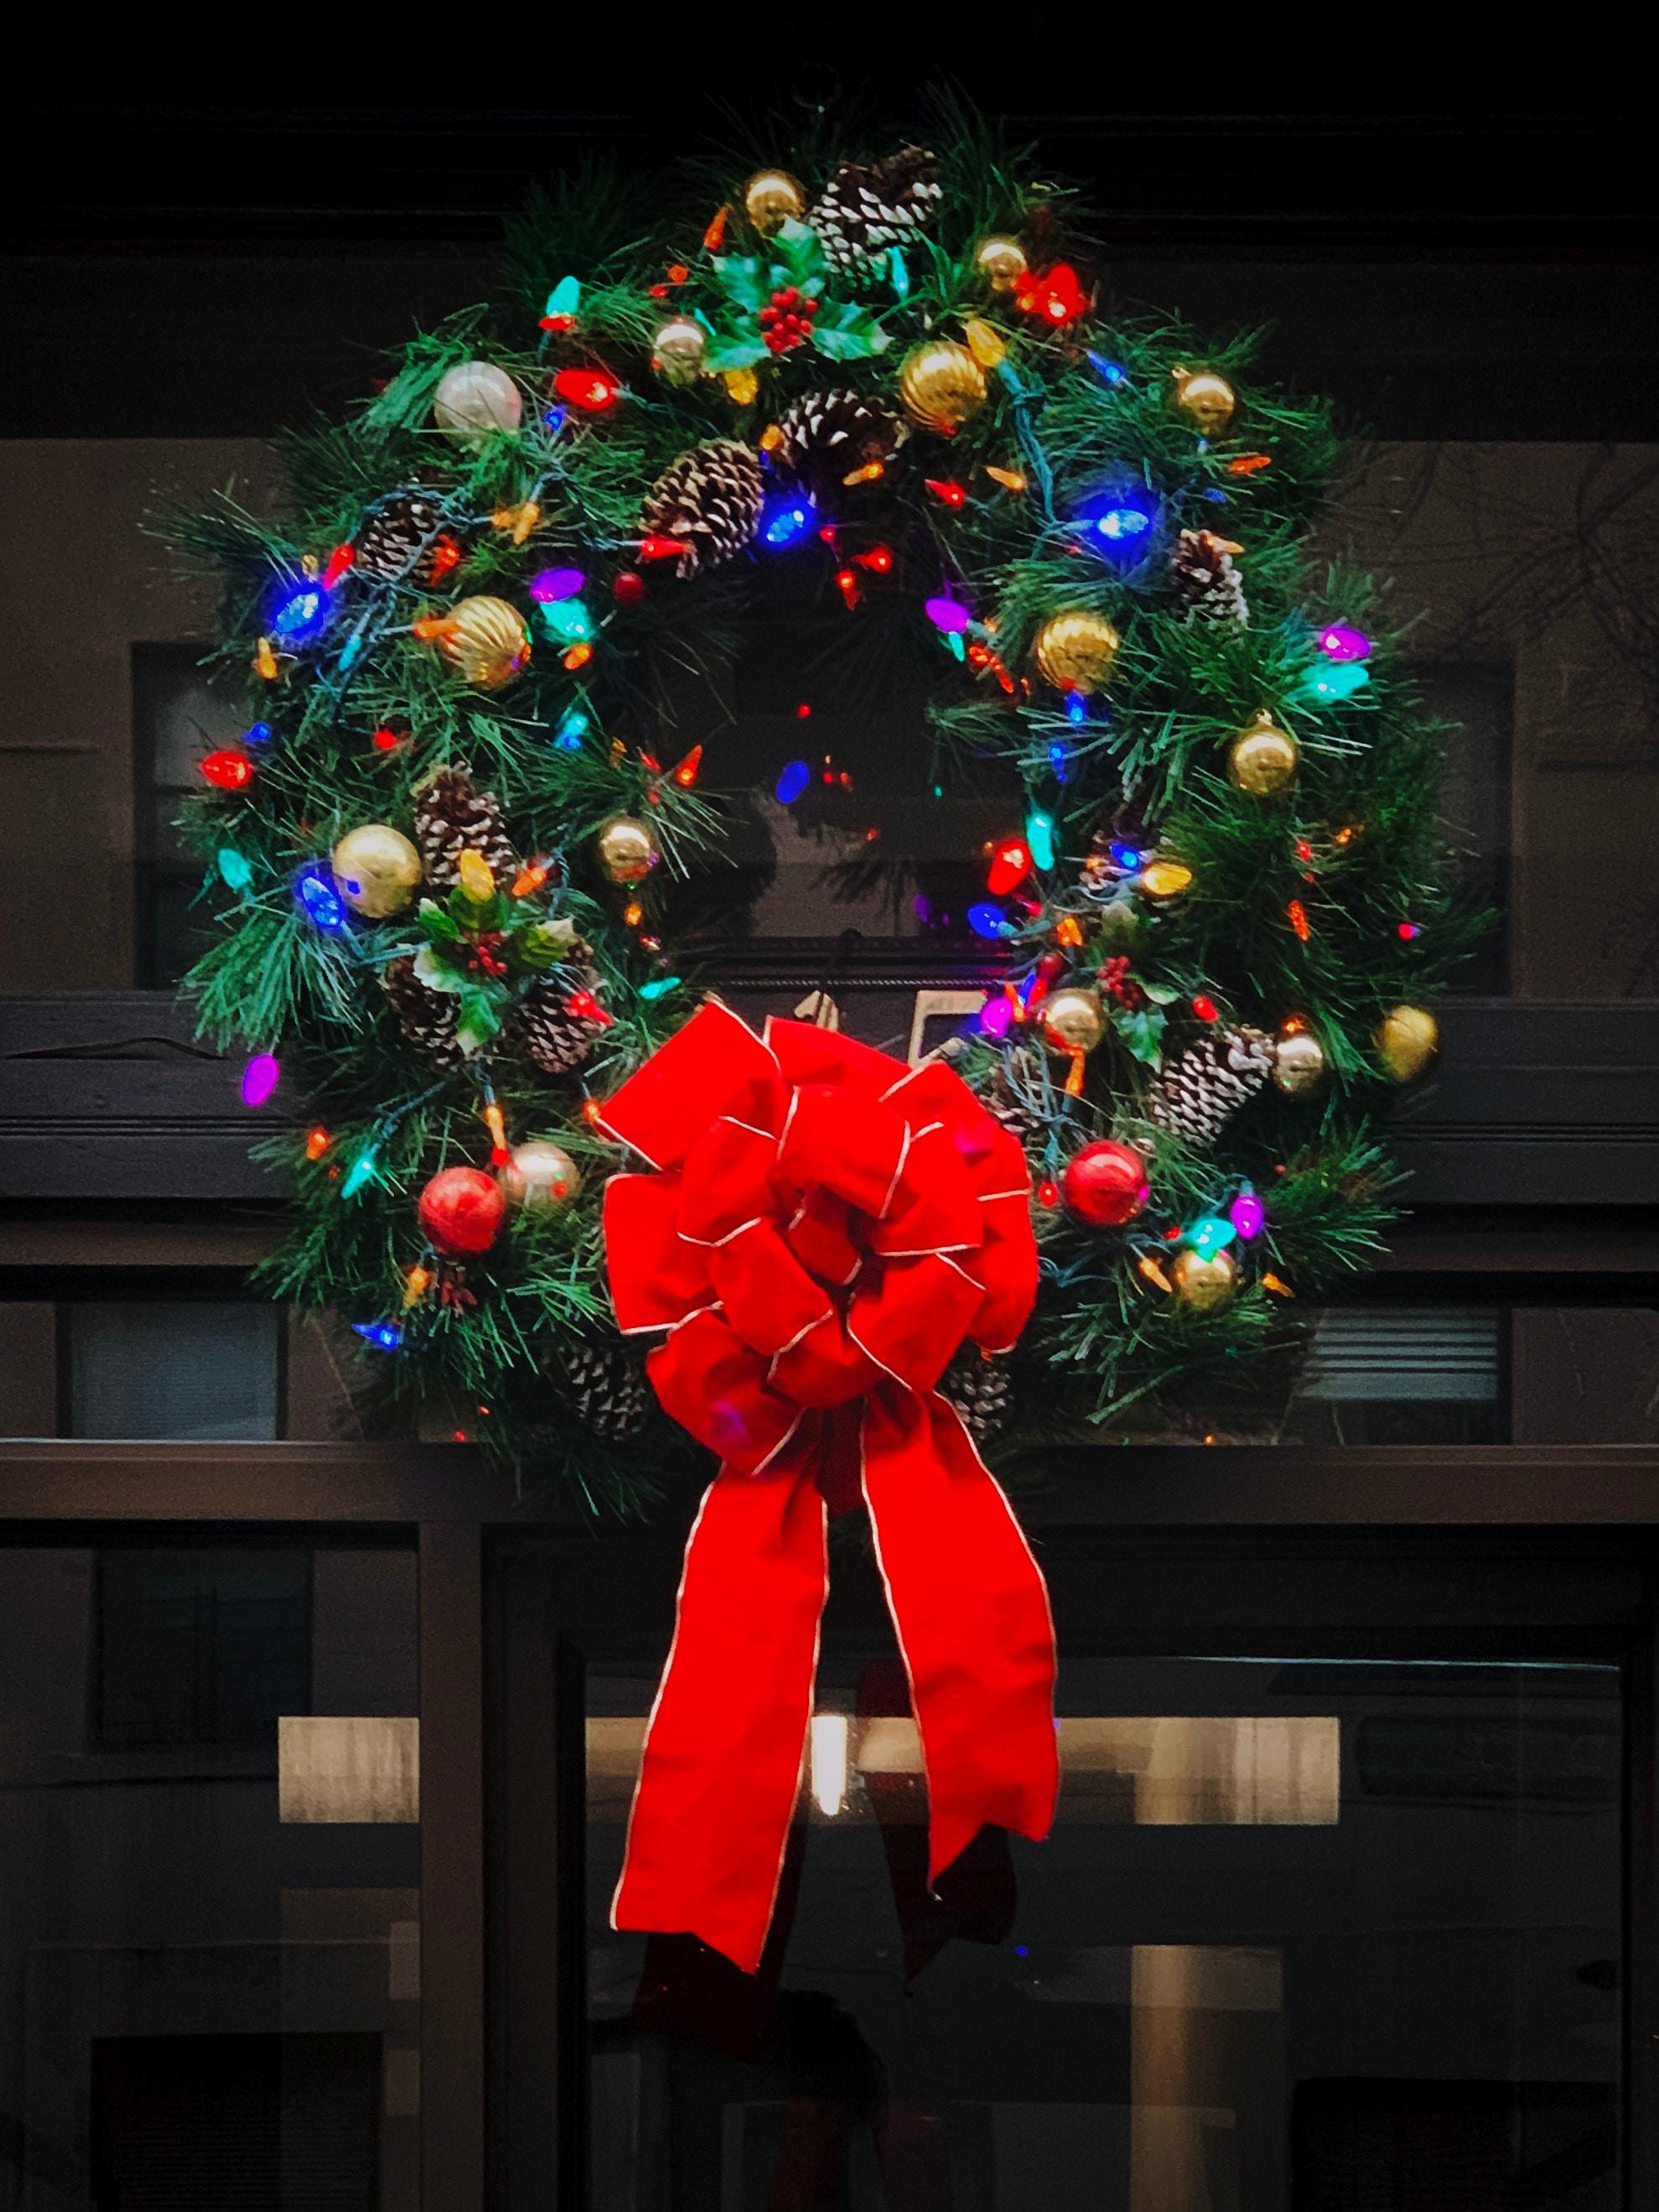 أفضل العروض السياحية خلال عيد الميلاد ورأس السنة الجديدة